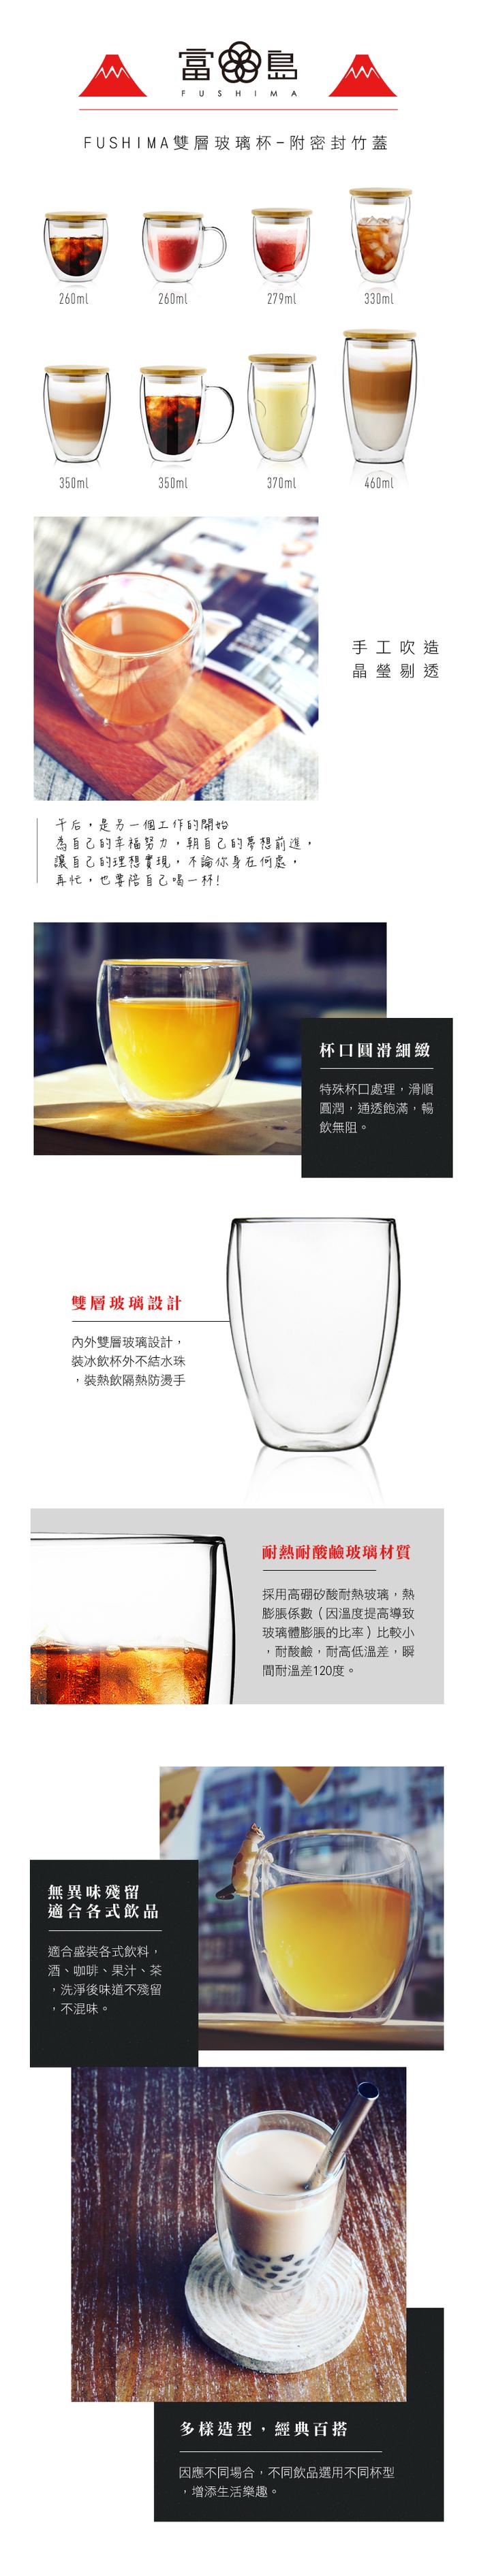 (複製)FUSHIMA 富島|冰裂系列雙層耐熱玻璃杯279ML